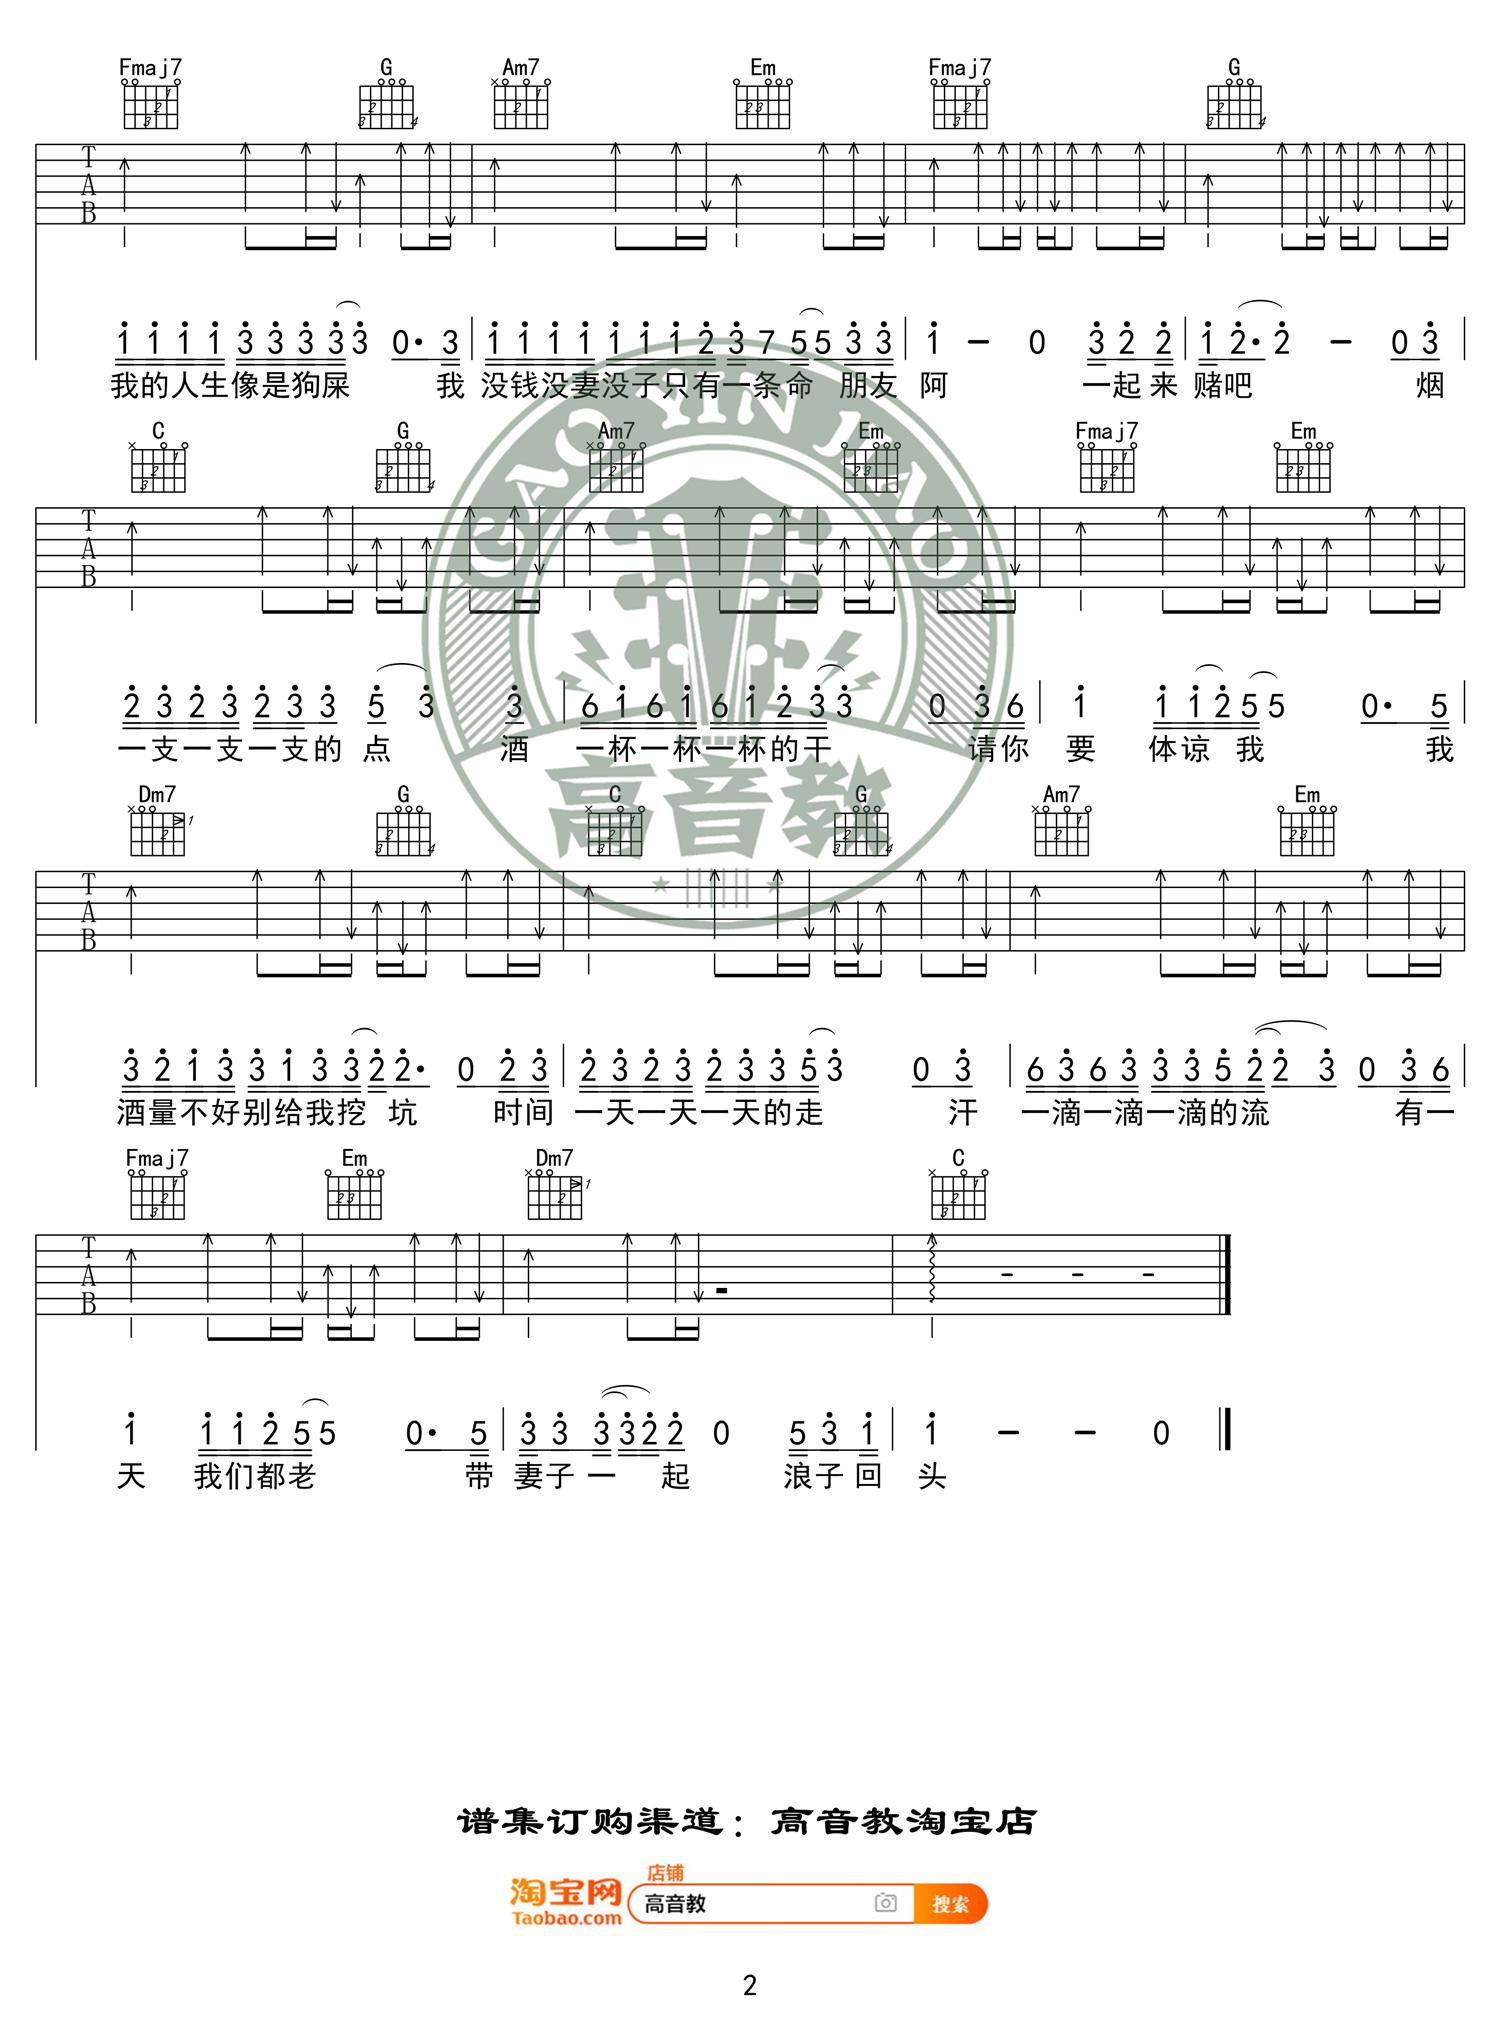 《浪子回头》吉他谱c调精华版 茄子蛋 高音教编配图片